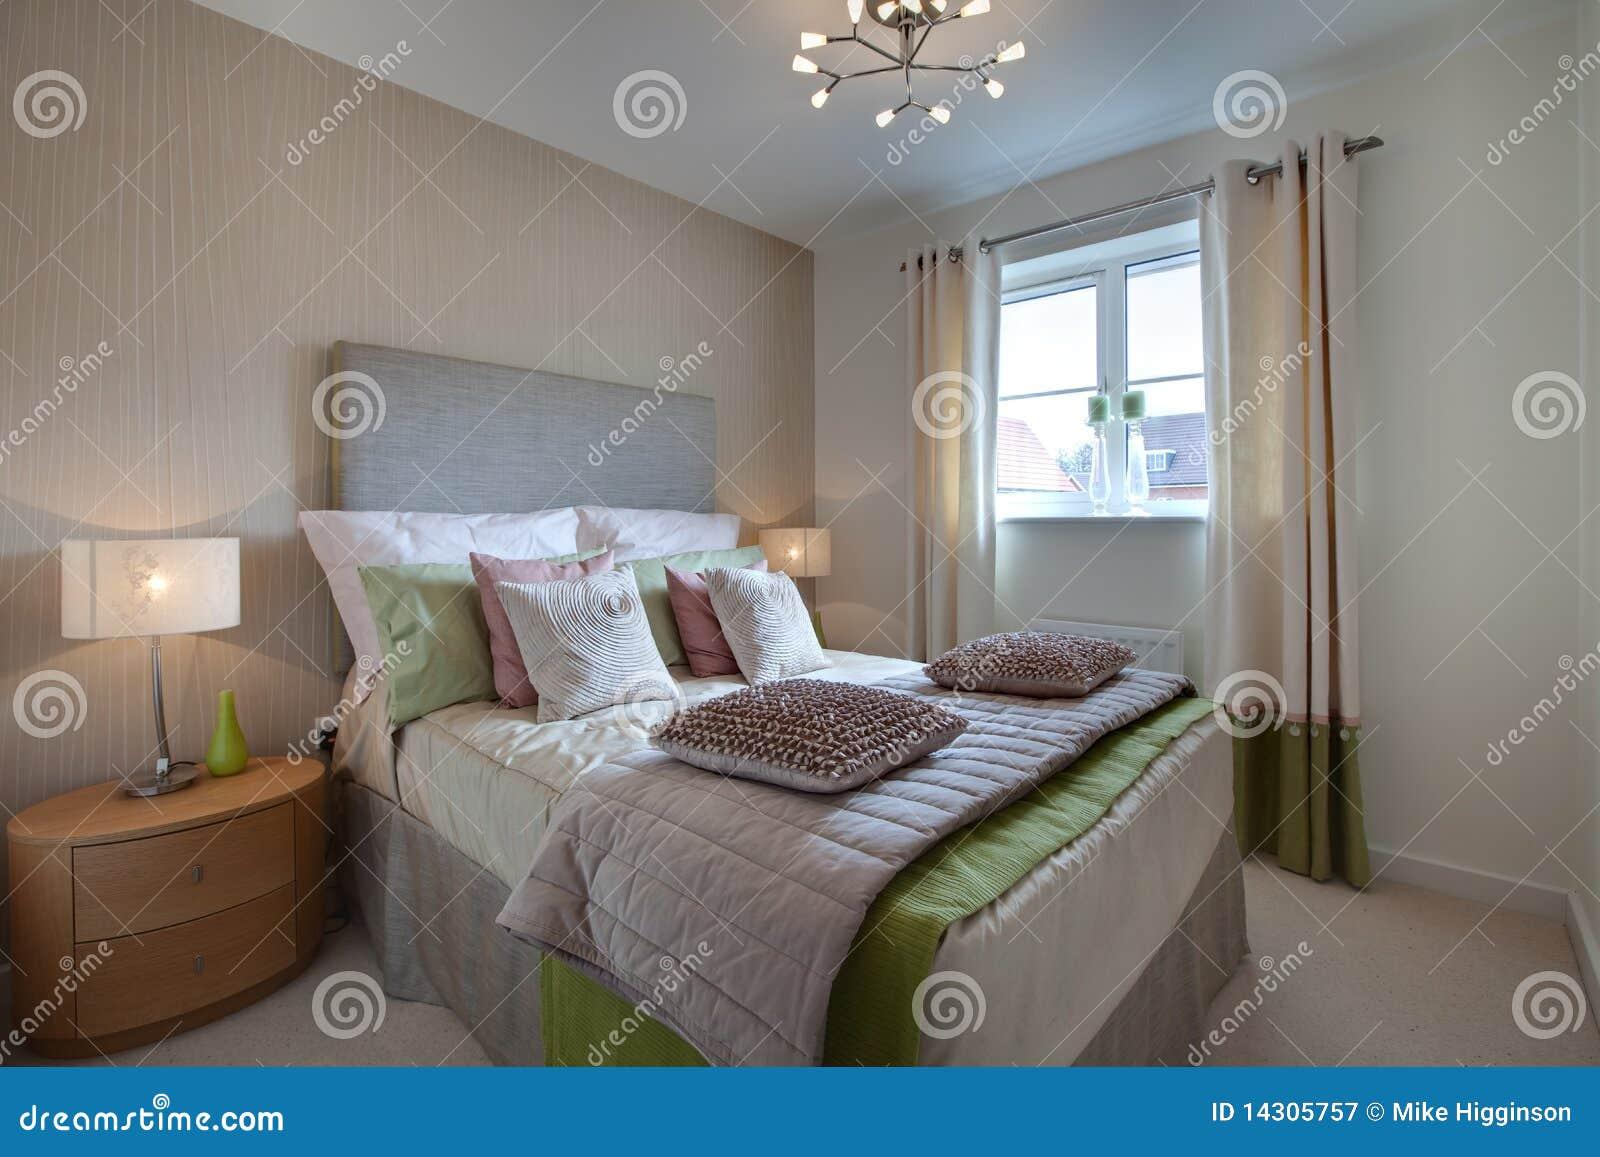 Camera da letto vestita moderna immagine stock immagine di tabella tenda 14305757 - Lumi camera da letto moderna ...